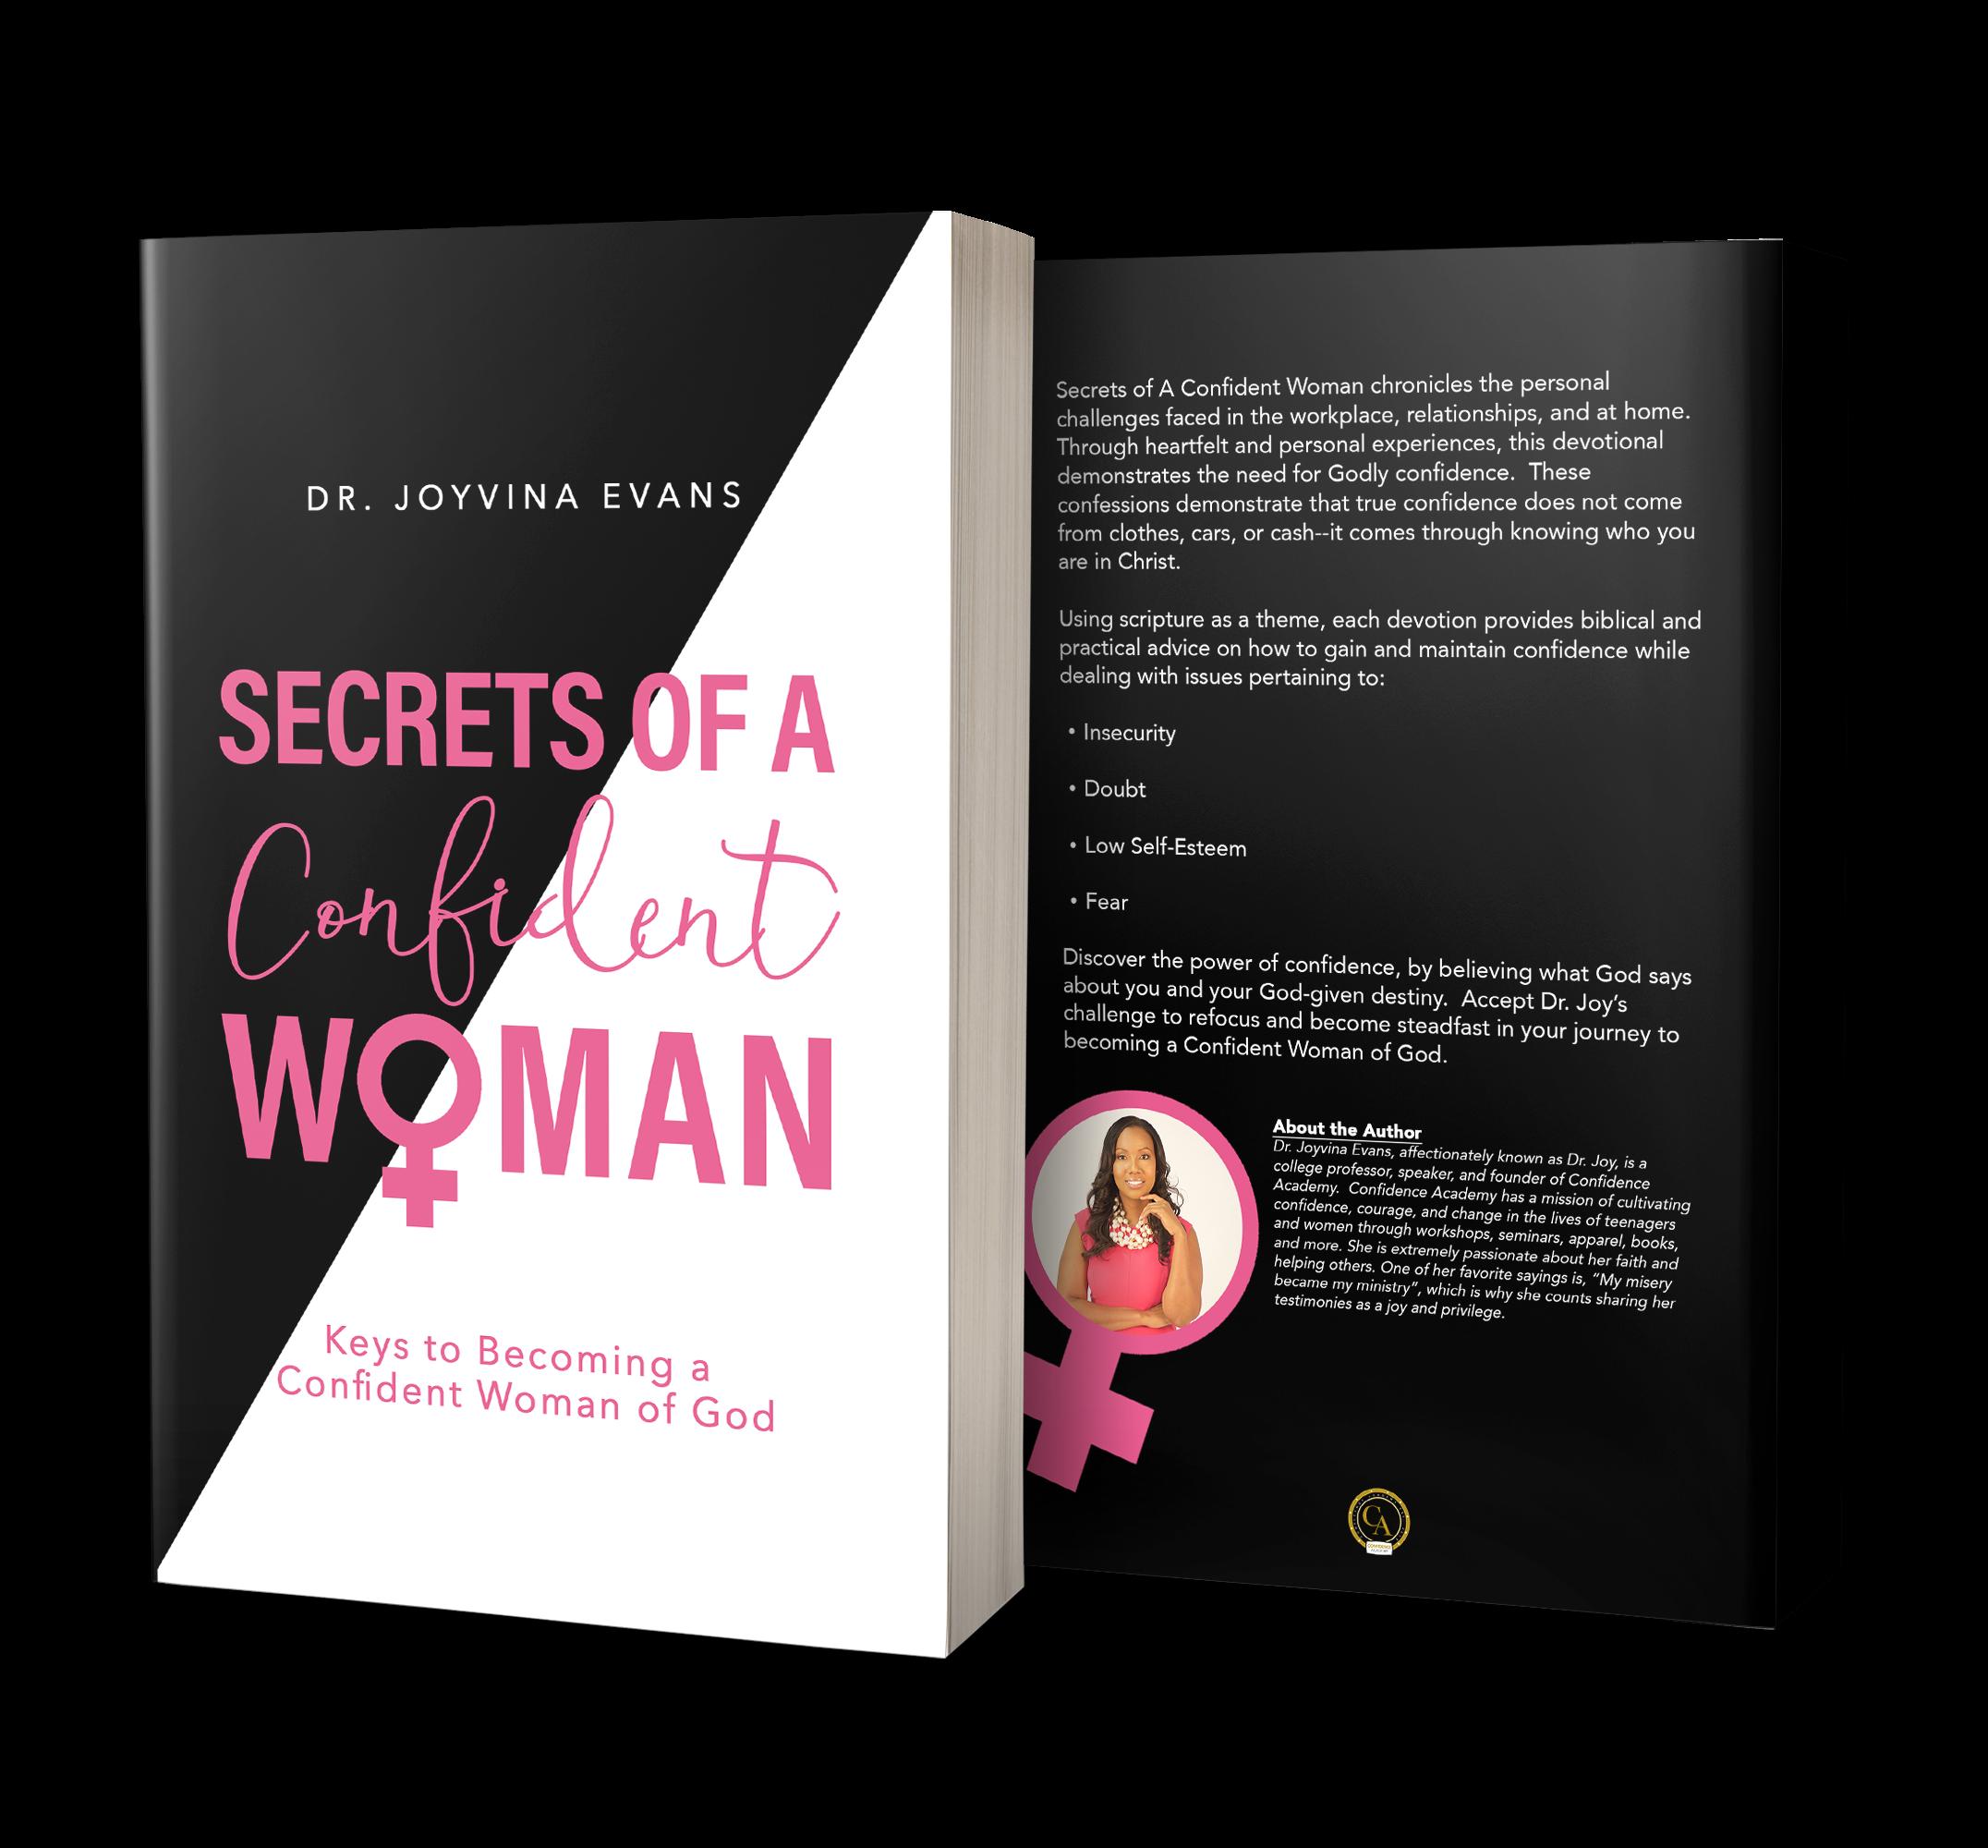 Secrets of a Confident Woman